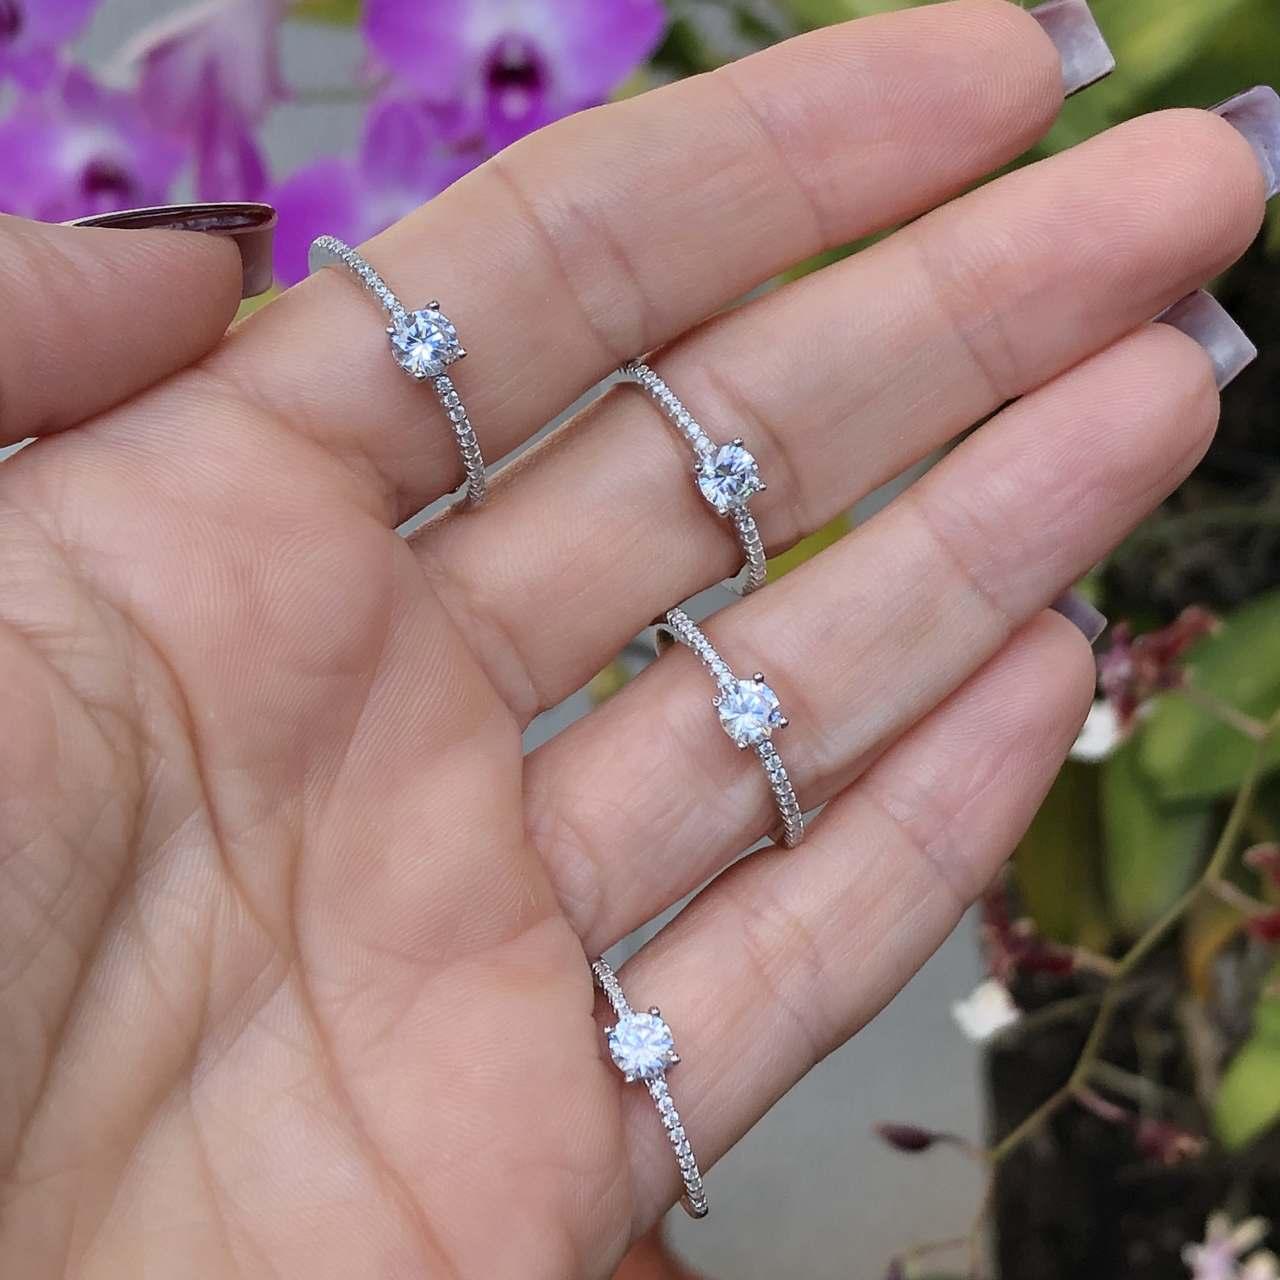 Anel de Prata 925 Solitário Zircônia Cravejado Lat. Cristal